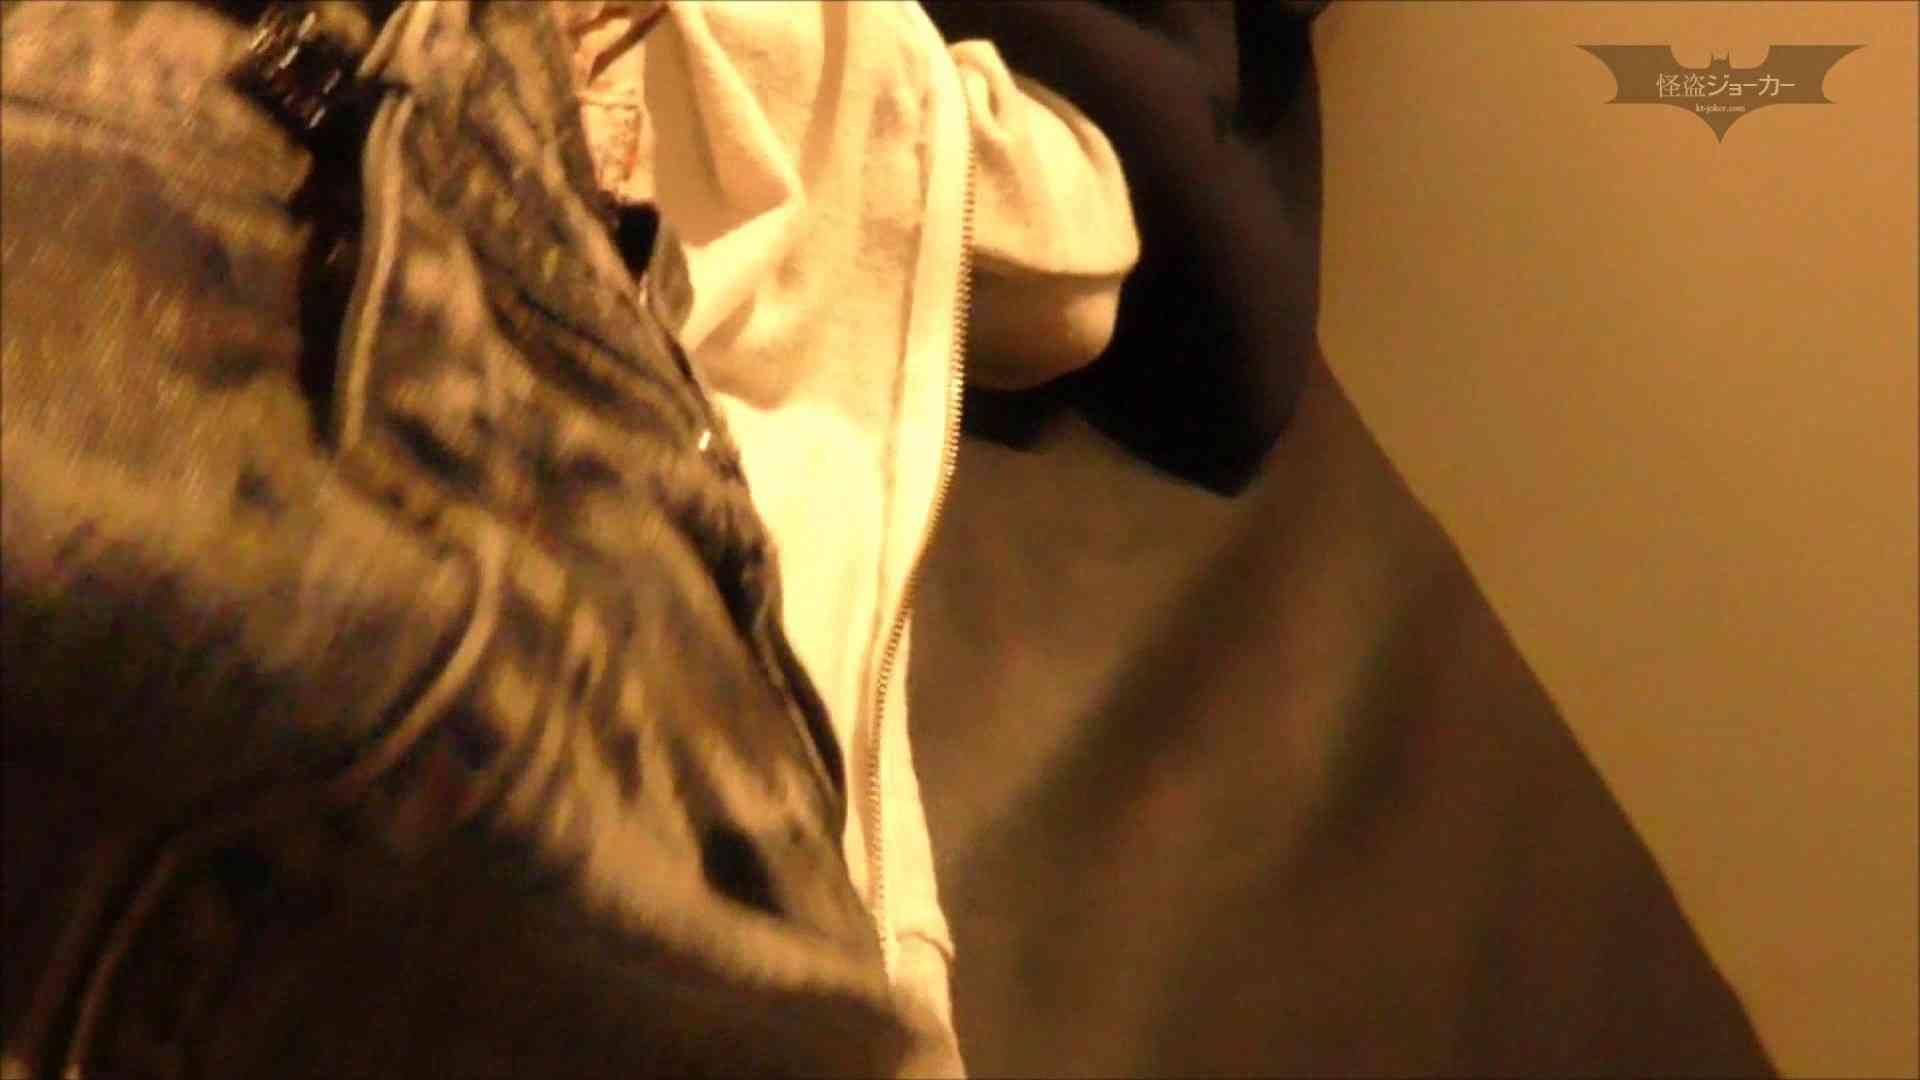 悪戯ネットカフェ Vol.06 若目狙って魔法でGO!! イタズラ すけべAV動画紹介 101画像 76